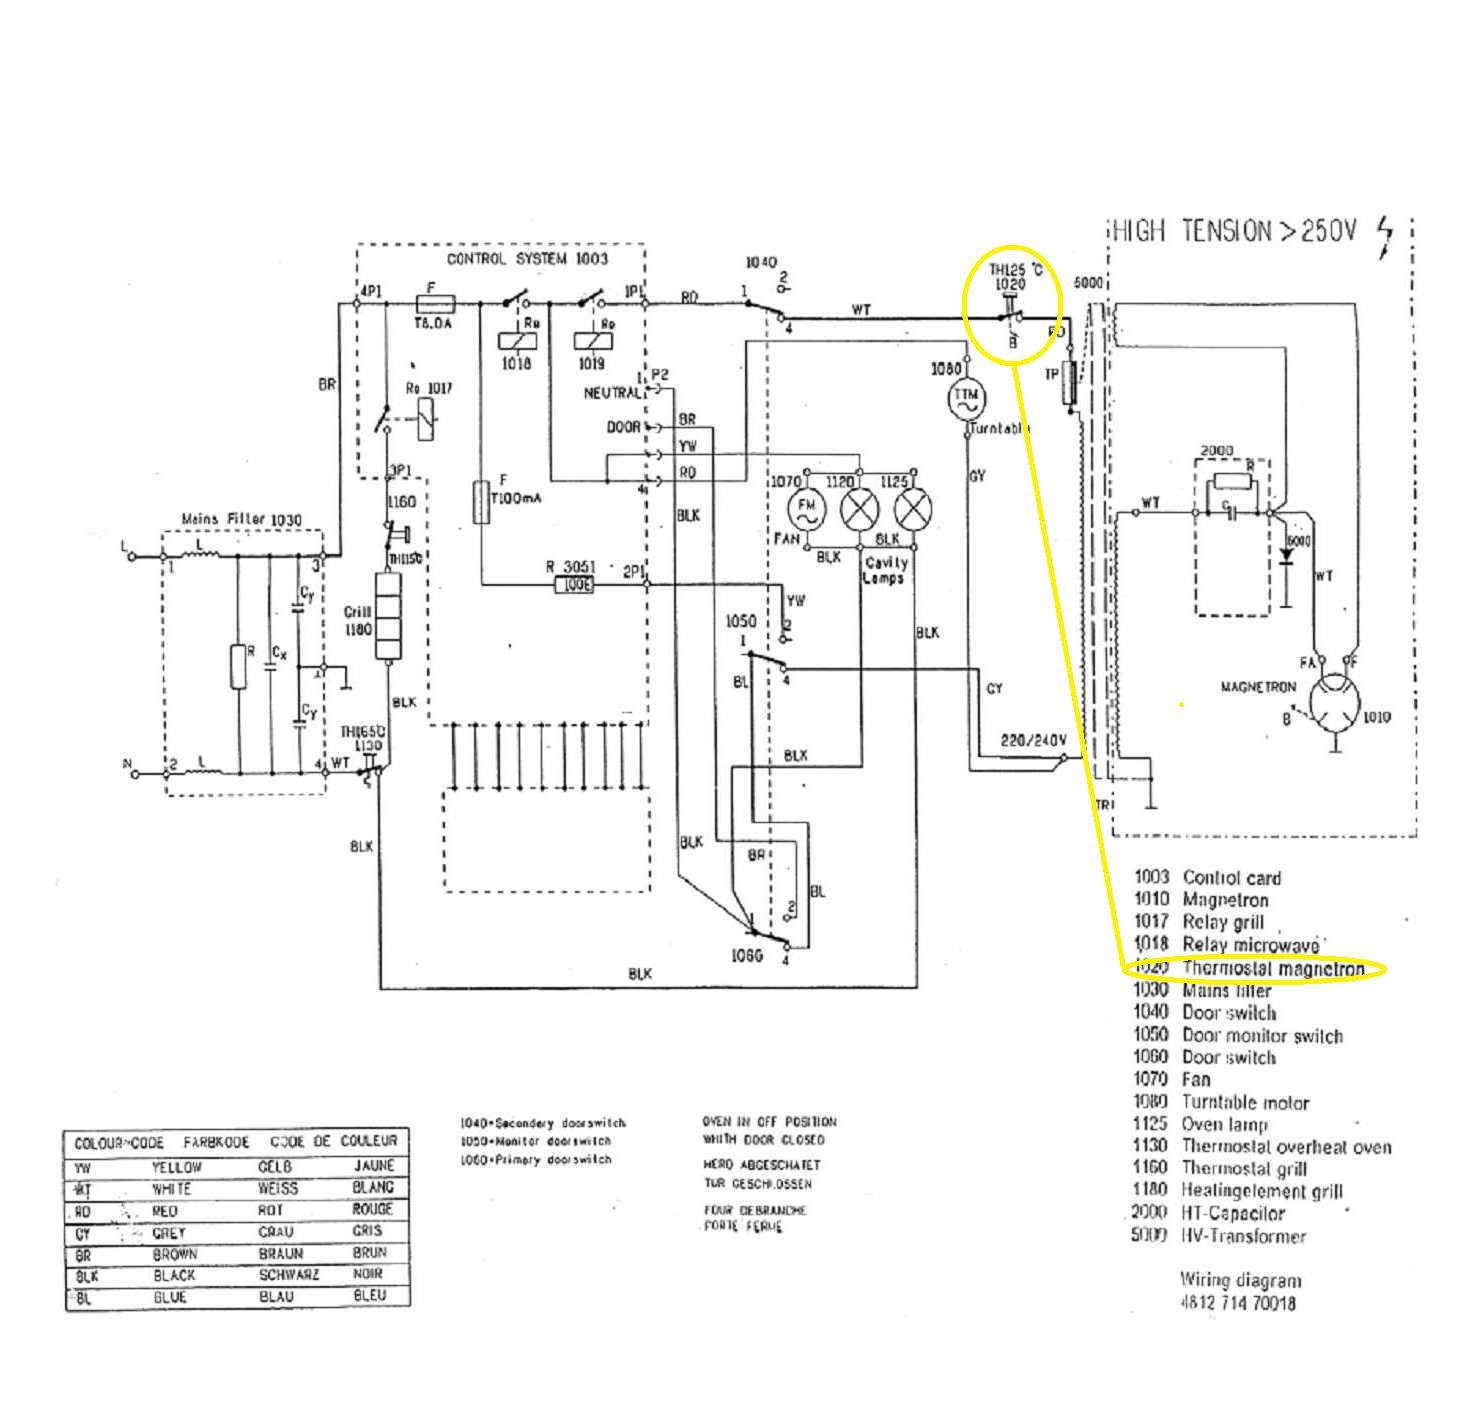 whirlpool diagrama de cableado